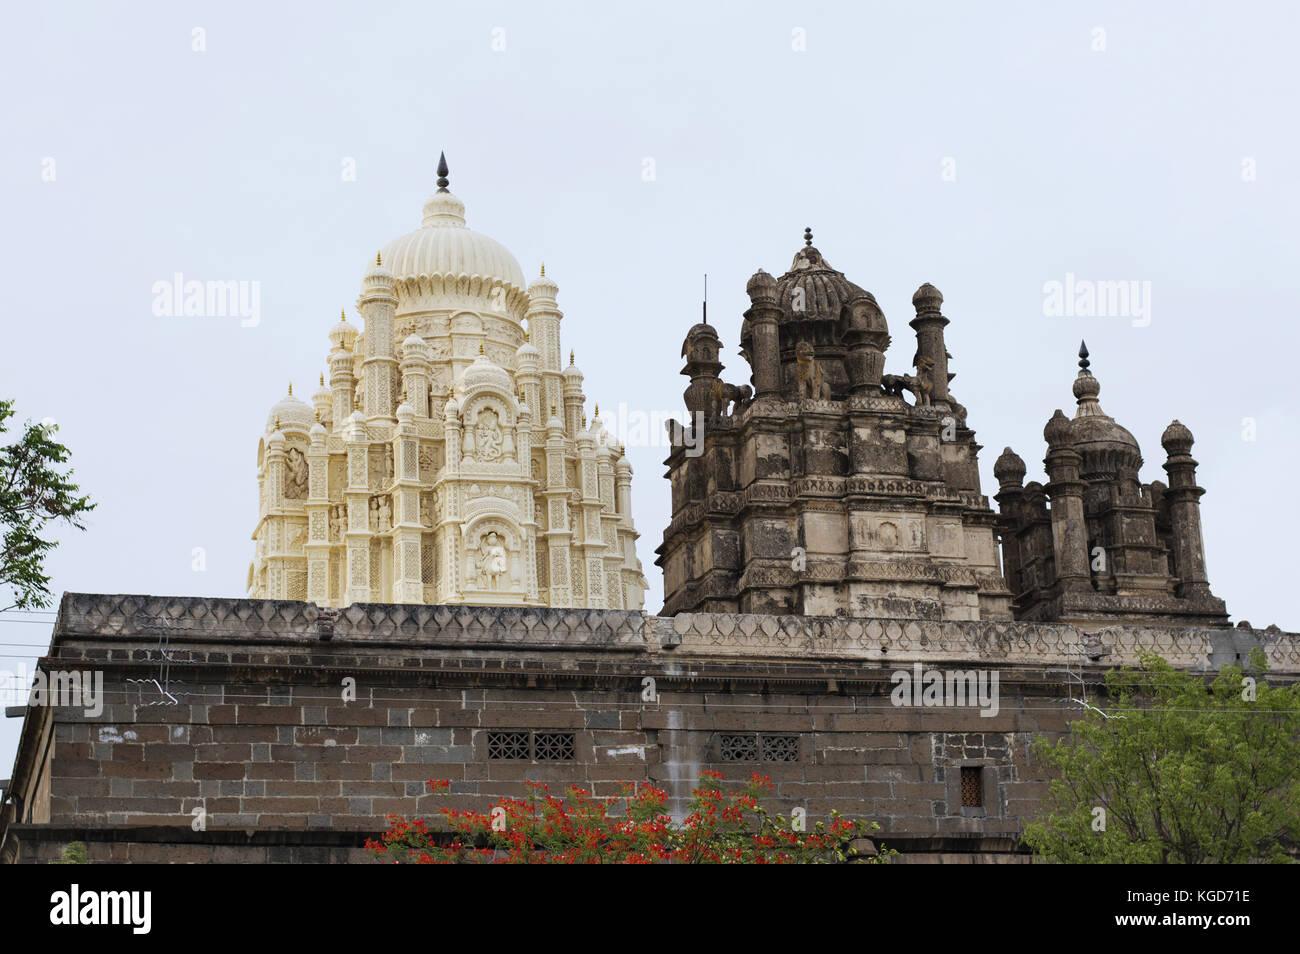 Tempio bhuleshwar, tempio di Shiva con architettura Islamica con cupole, yavat, maharashtra Immagini Stock